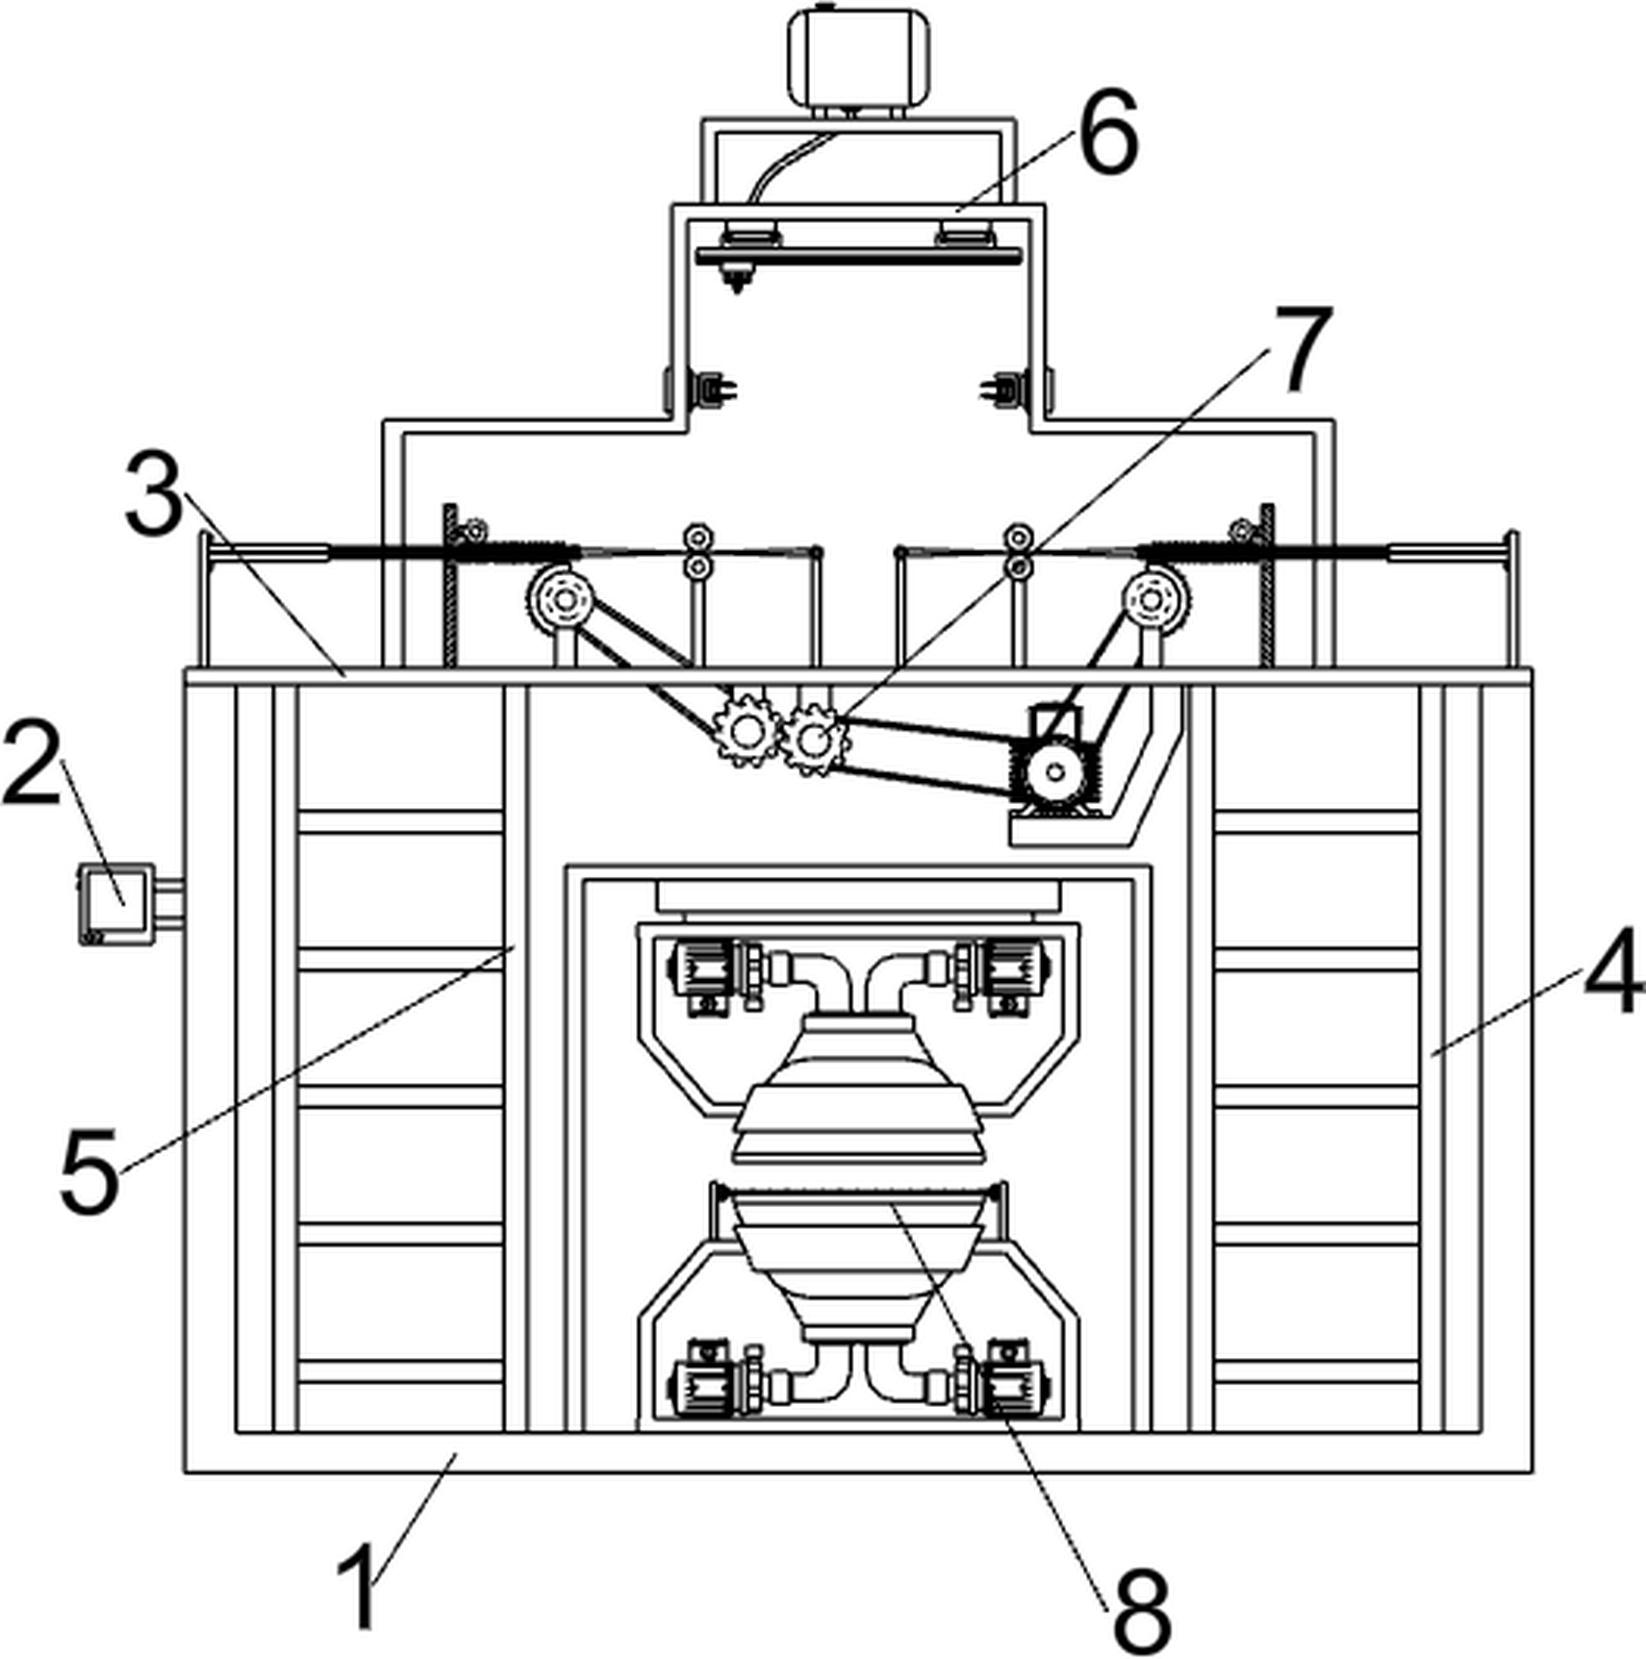 一种通气加压式纳米银熔喷布扩散装置